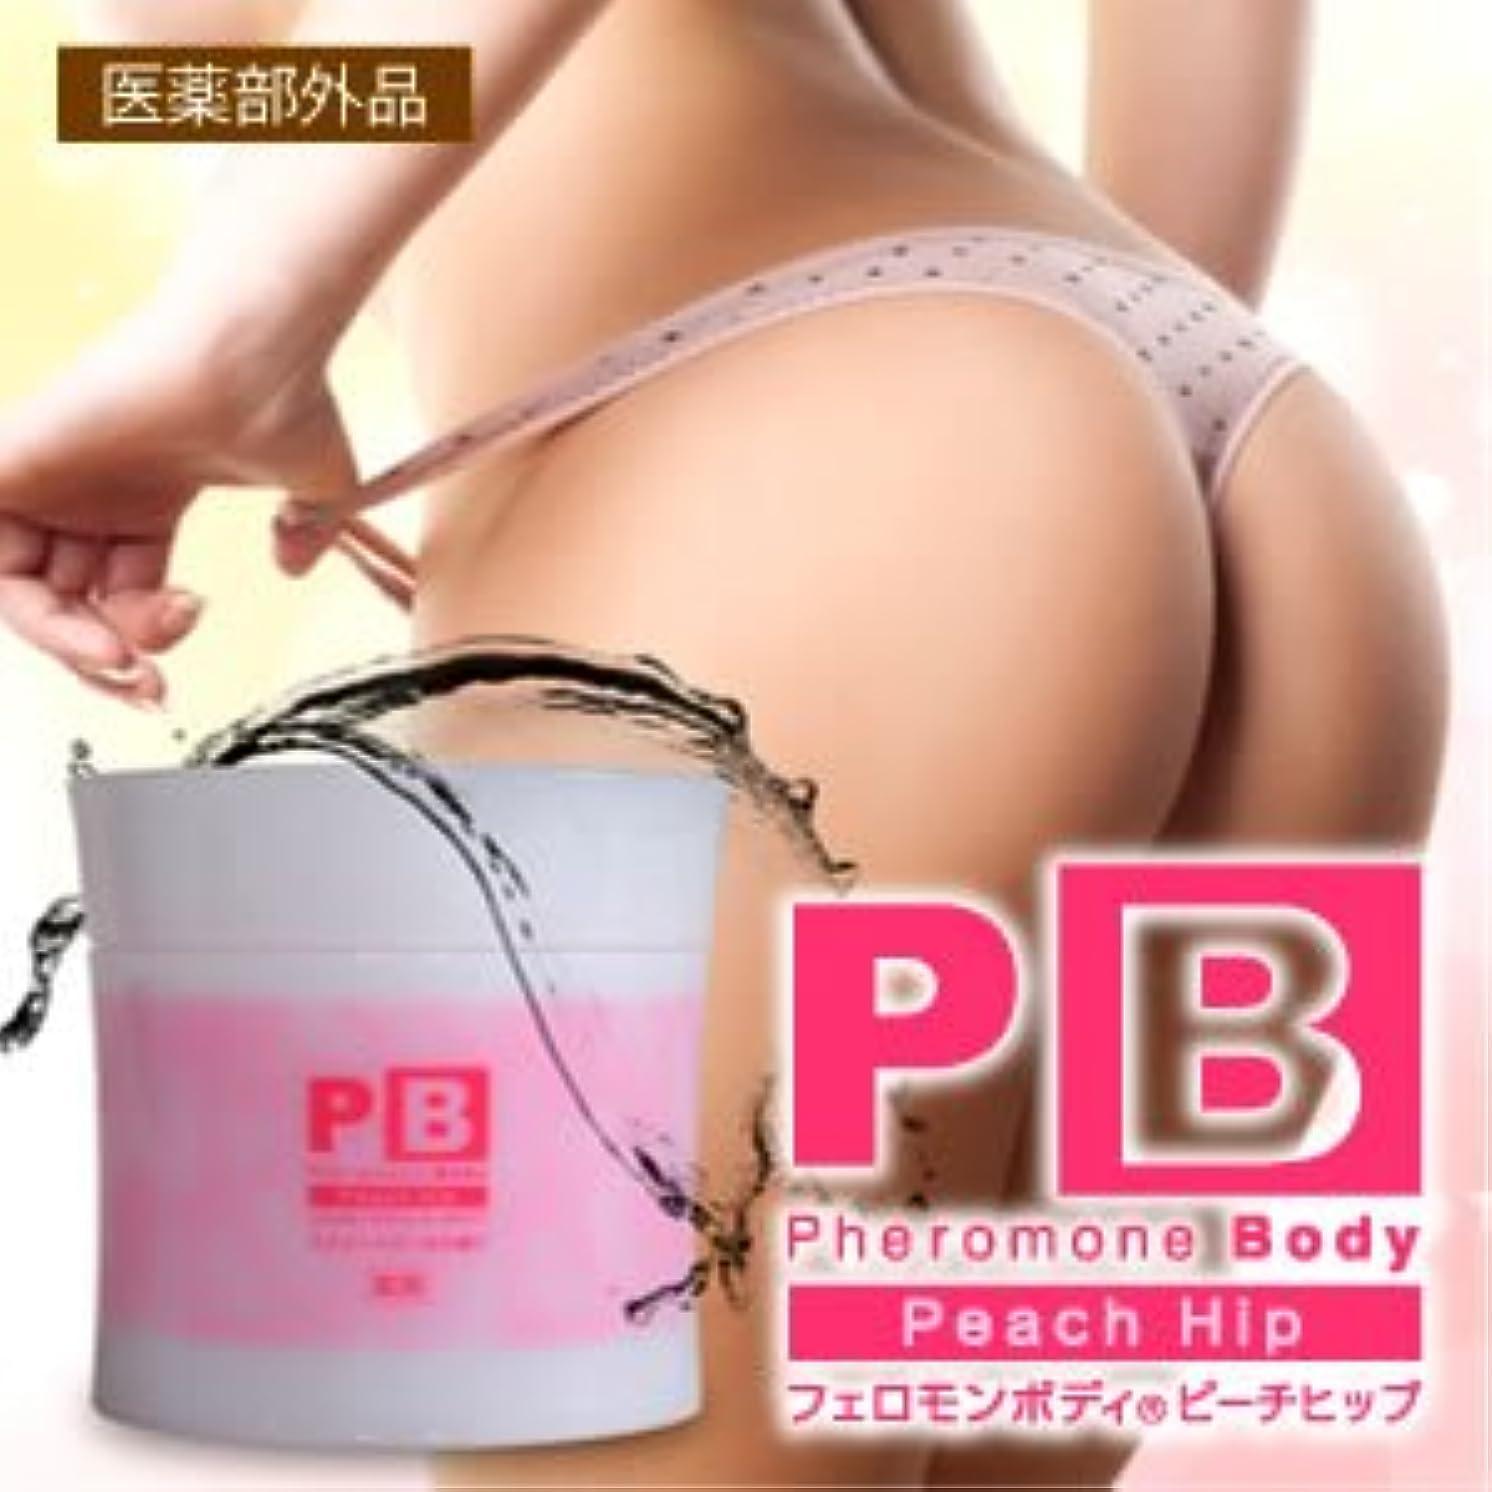 ジャンクション花瓶流行薬用フェロモンボディピーチヒップ 500g×6個セット【今ならポーチプレゼント】